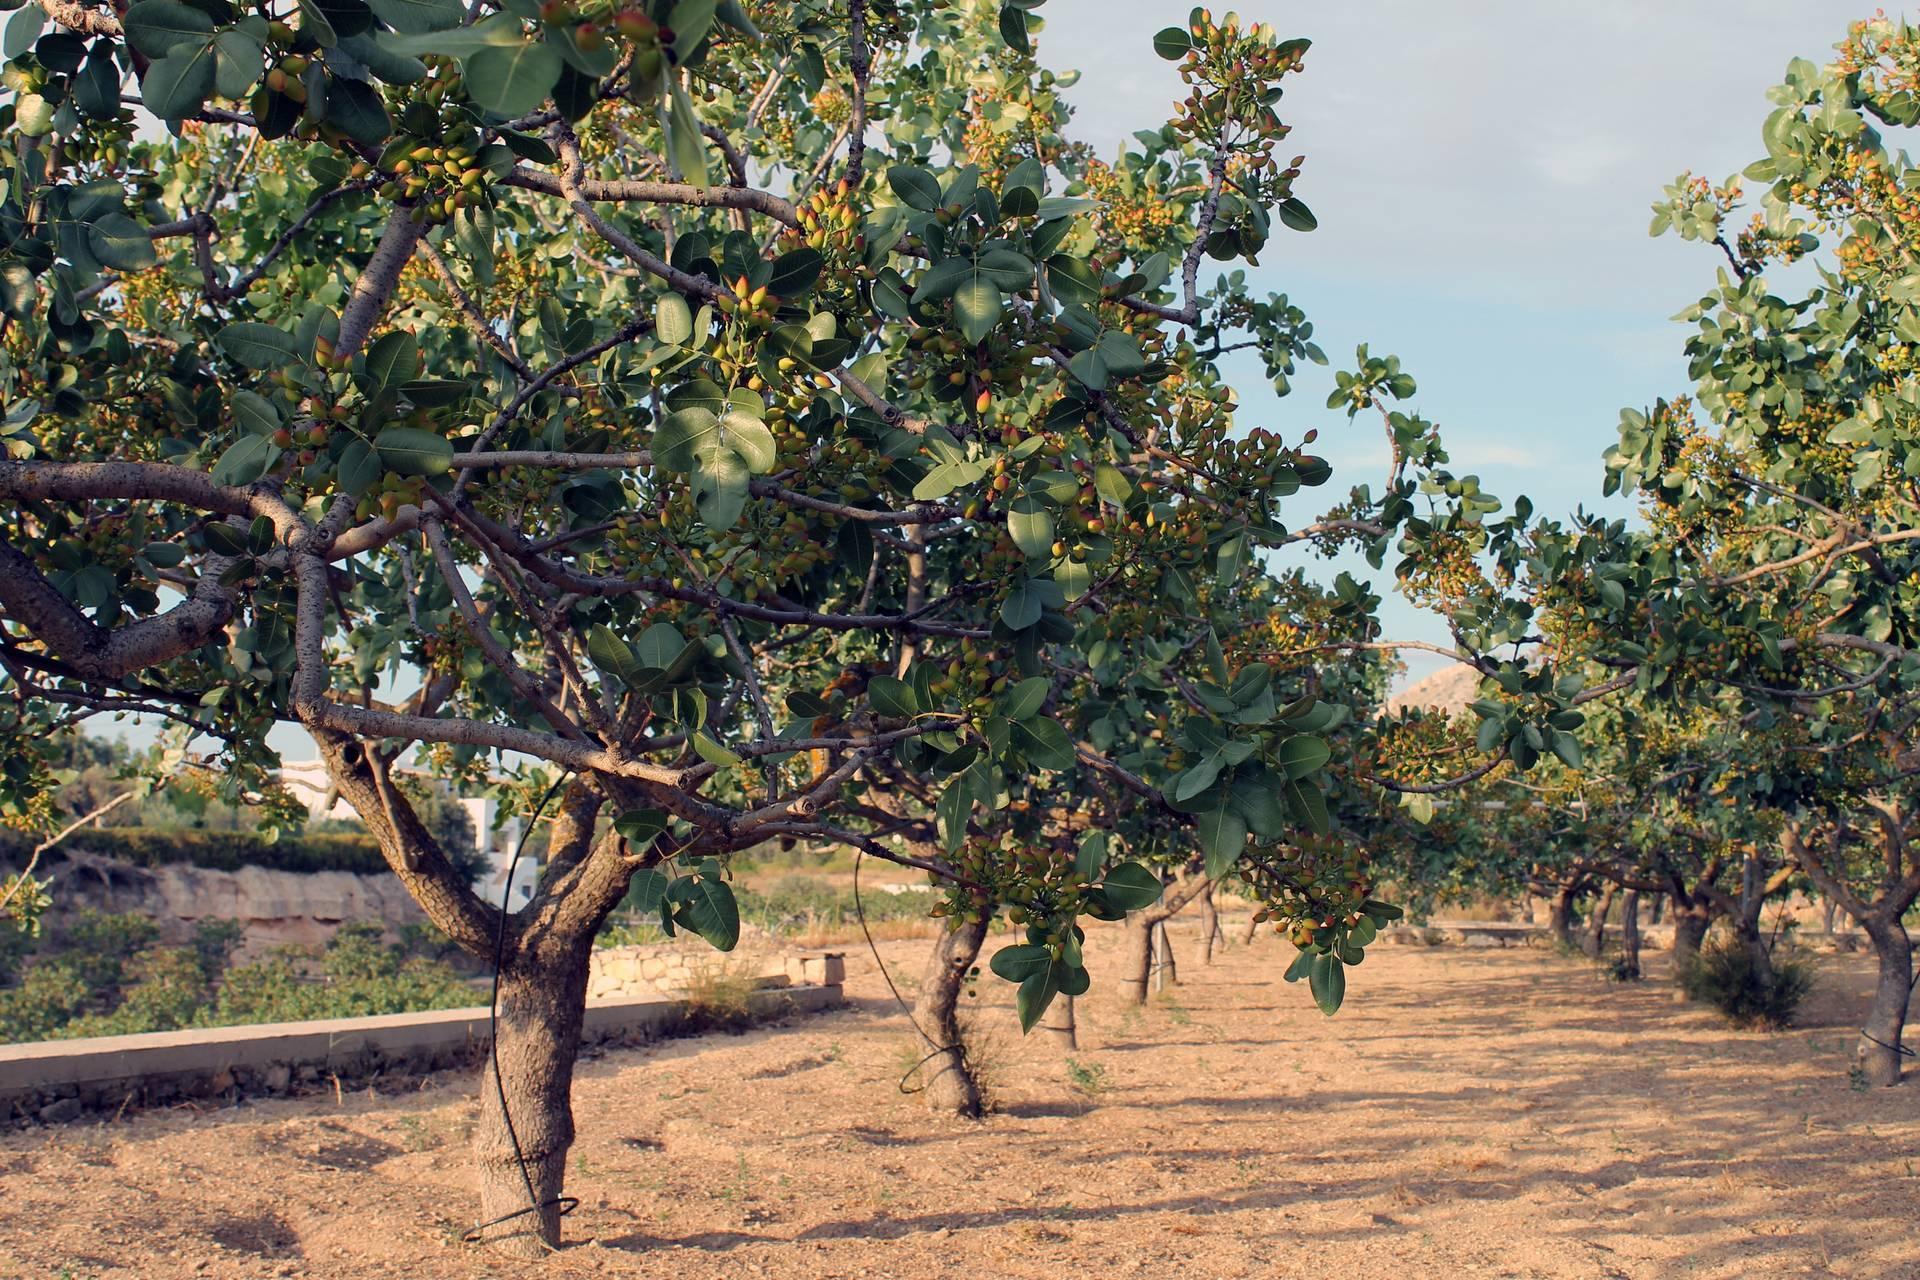 Как собирают орехи кешью и как ведется их переработка: как производят в промышленных масштабах, добывают дома, и время сбора урожая